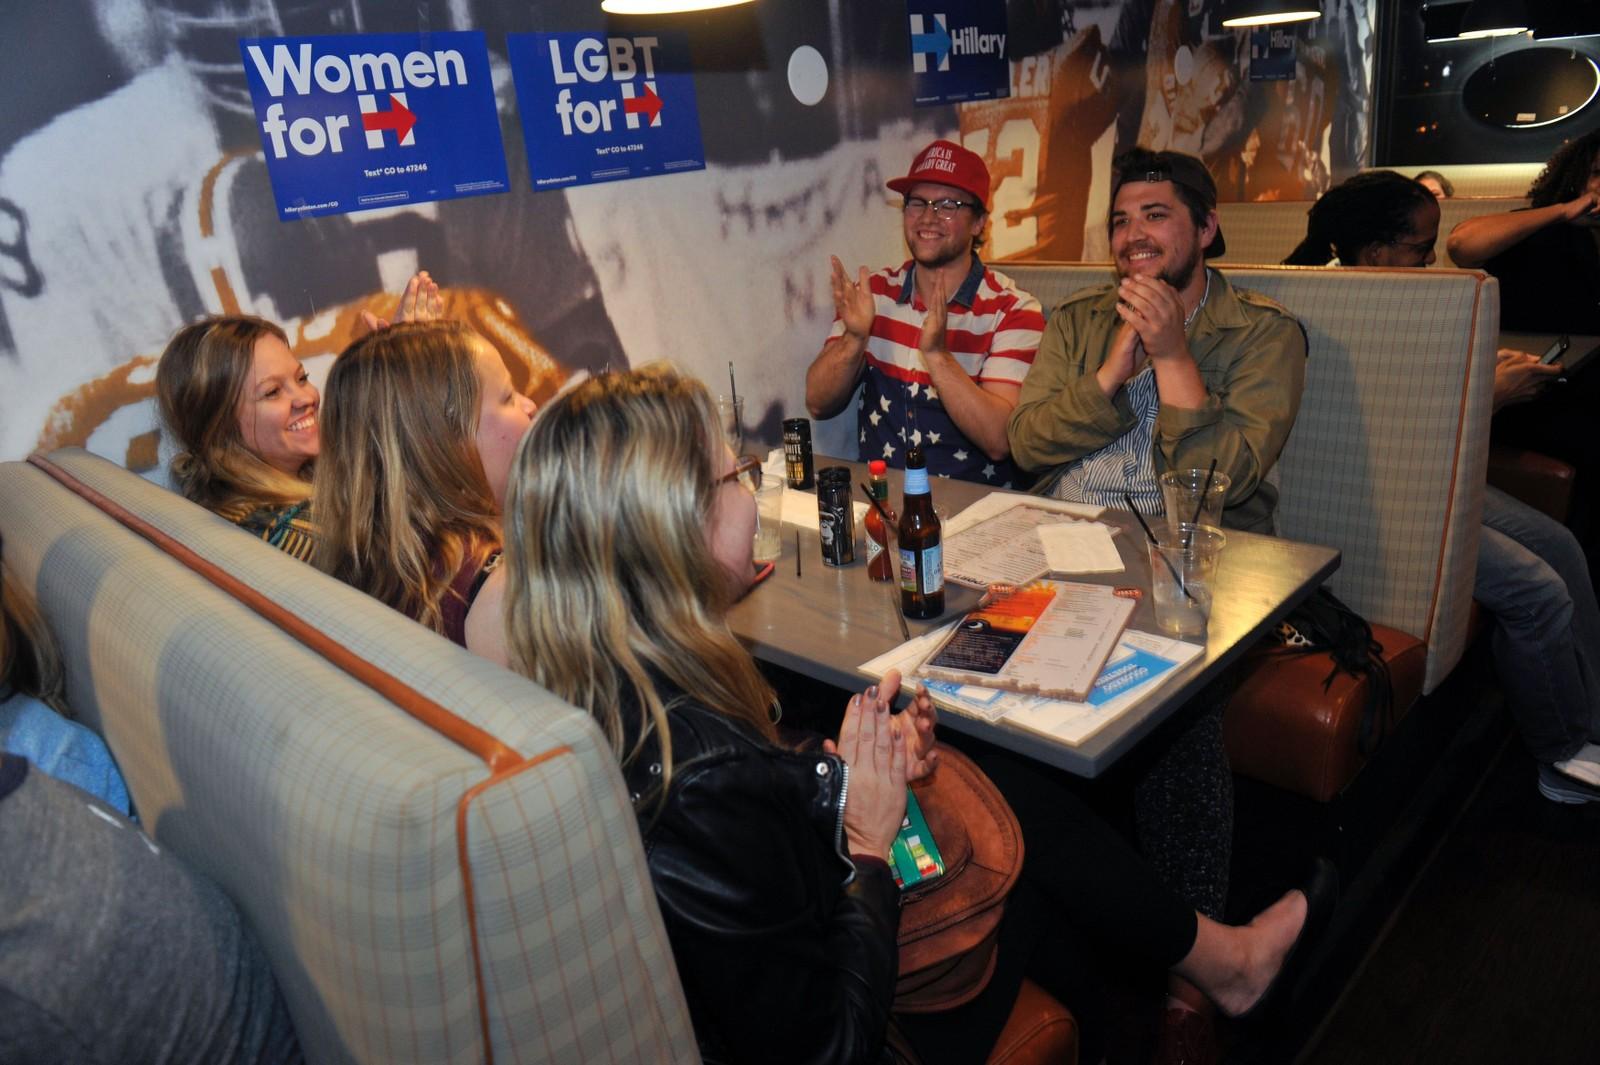 Millioner av mennesker verden over fikk med seg debatten. Her har en gjeng Hillary-supportere samlet seg på baren Jake's Sports & Spirits i Denver i Colorado.